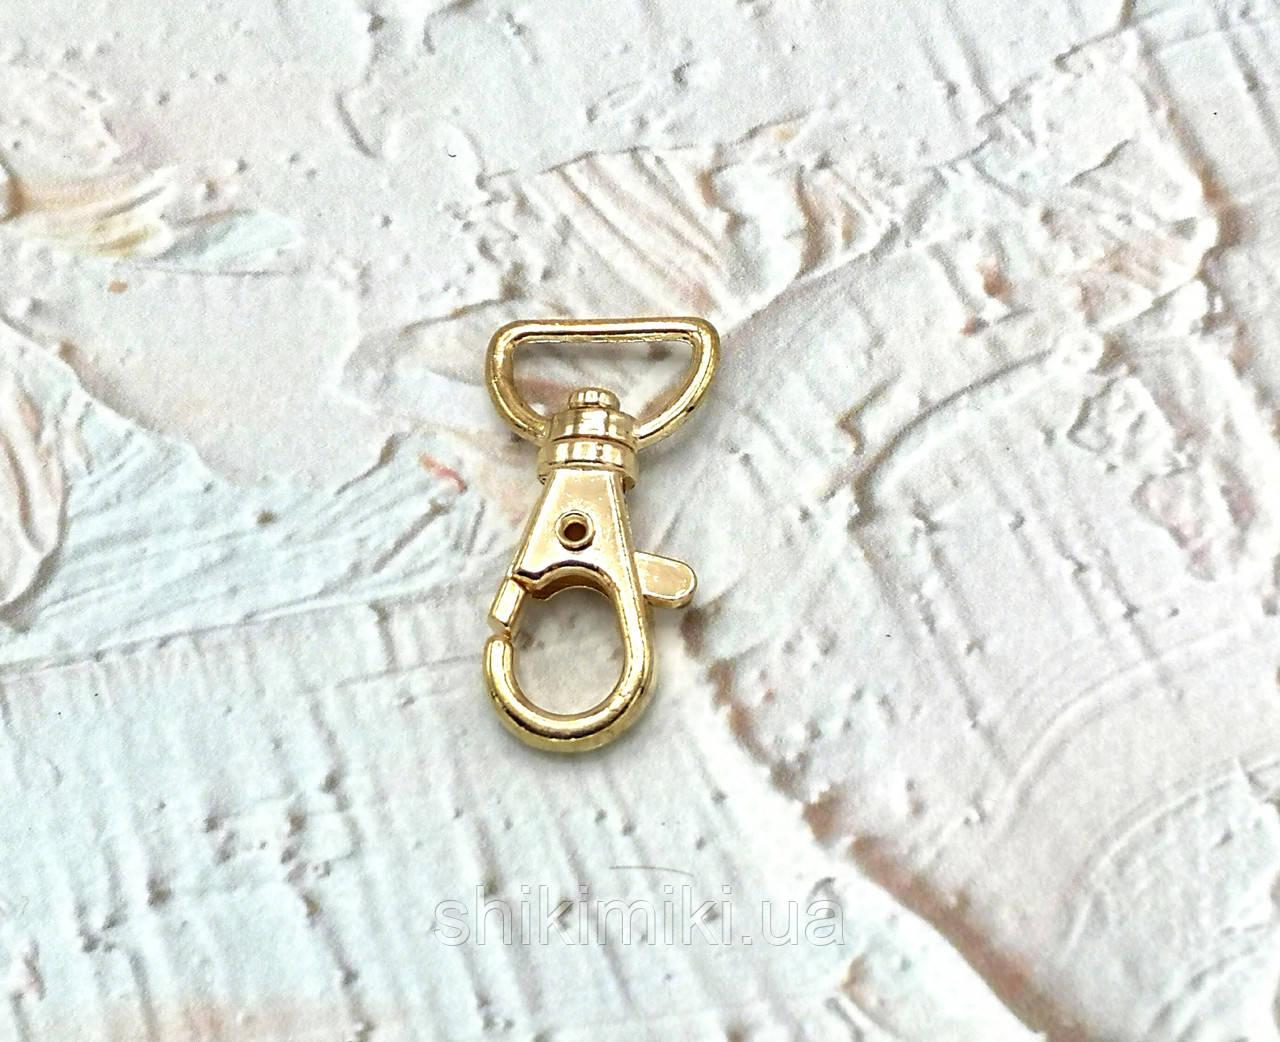 Карабин для сумок KR07-3 (15 мм), цвет золото